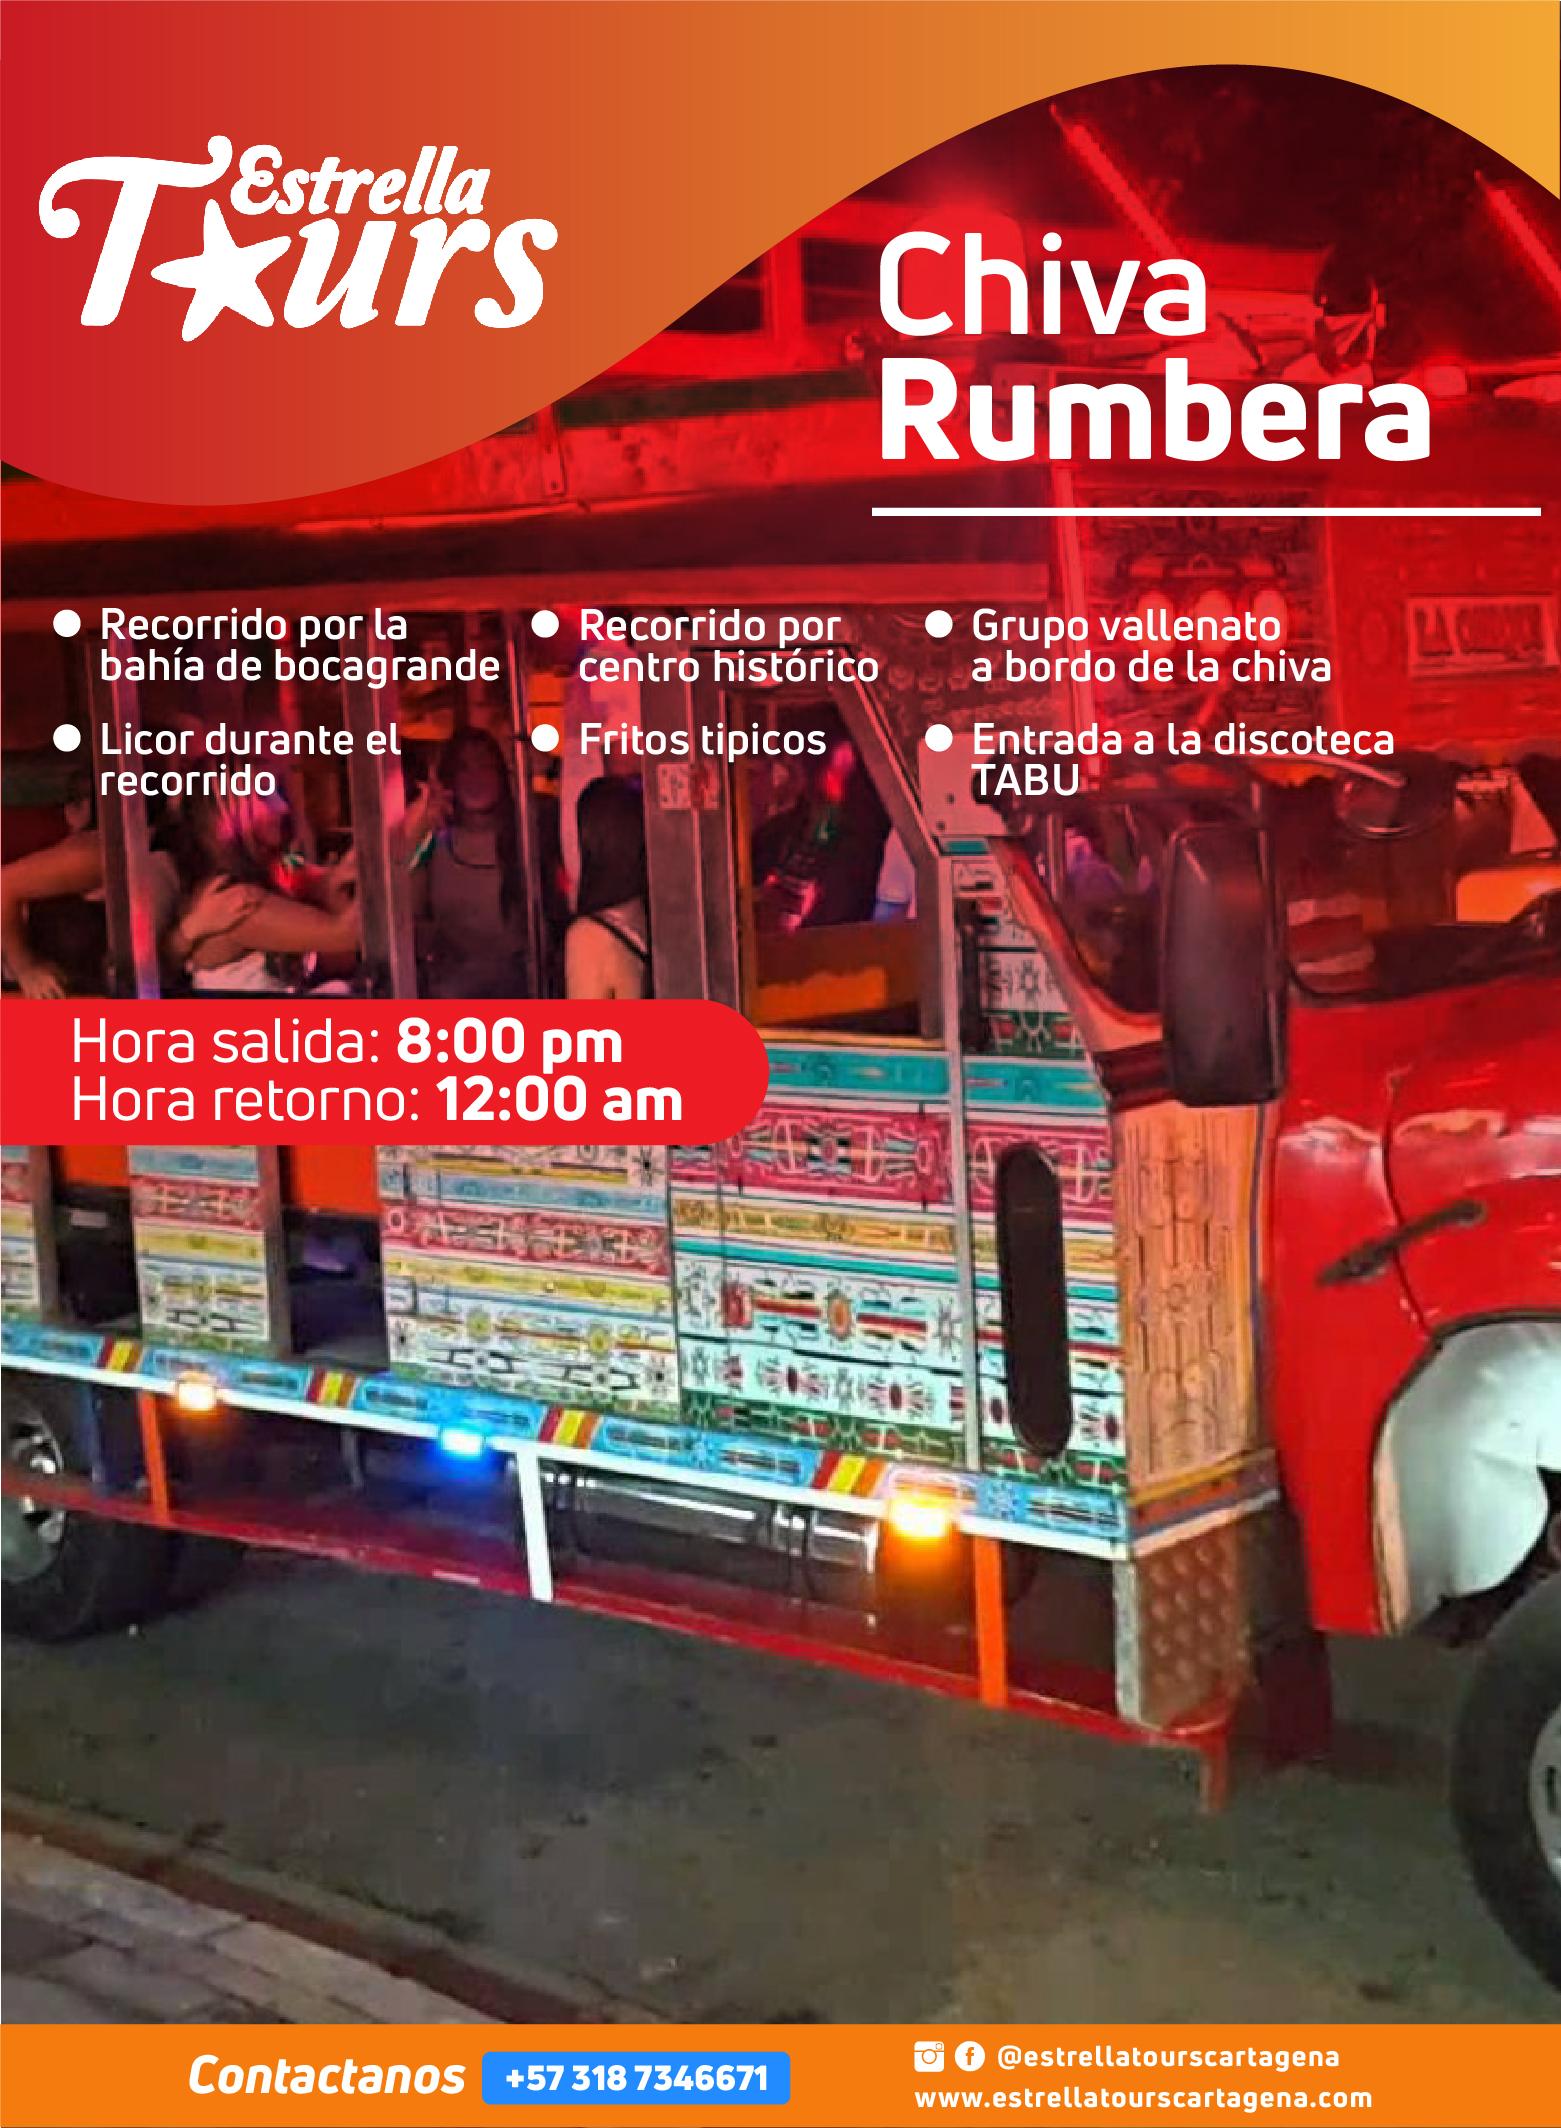 Tour_chiva rumbera